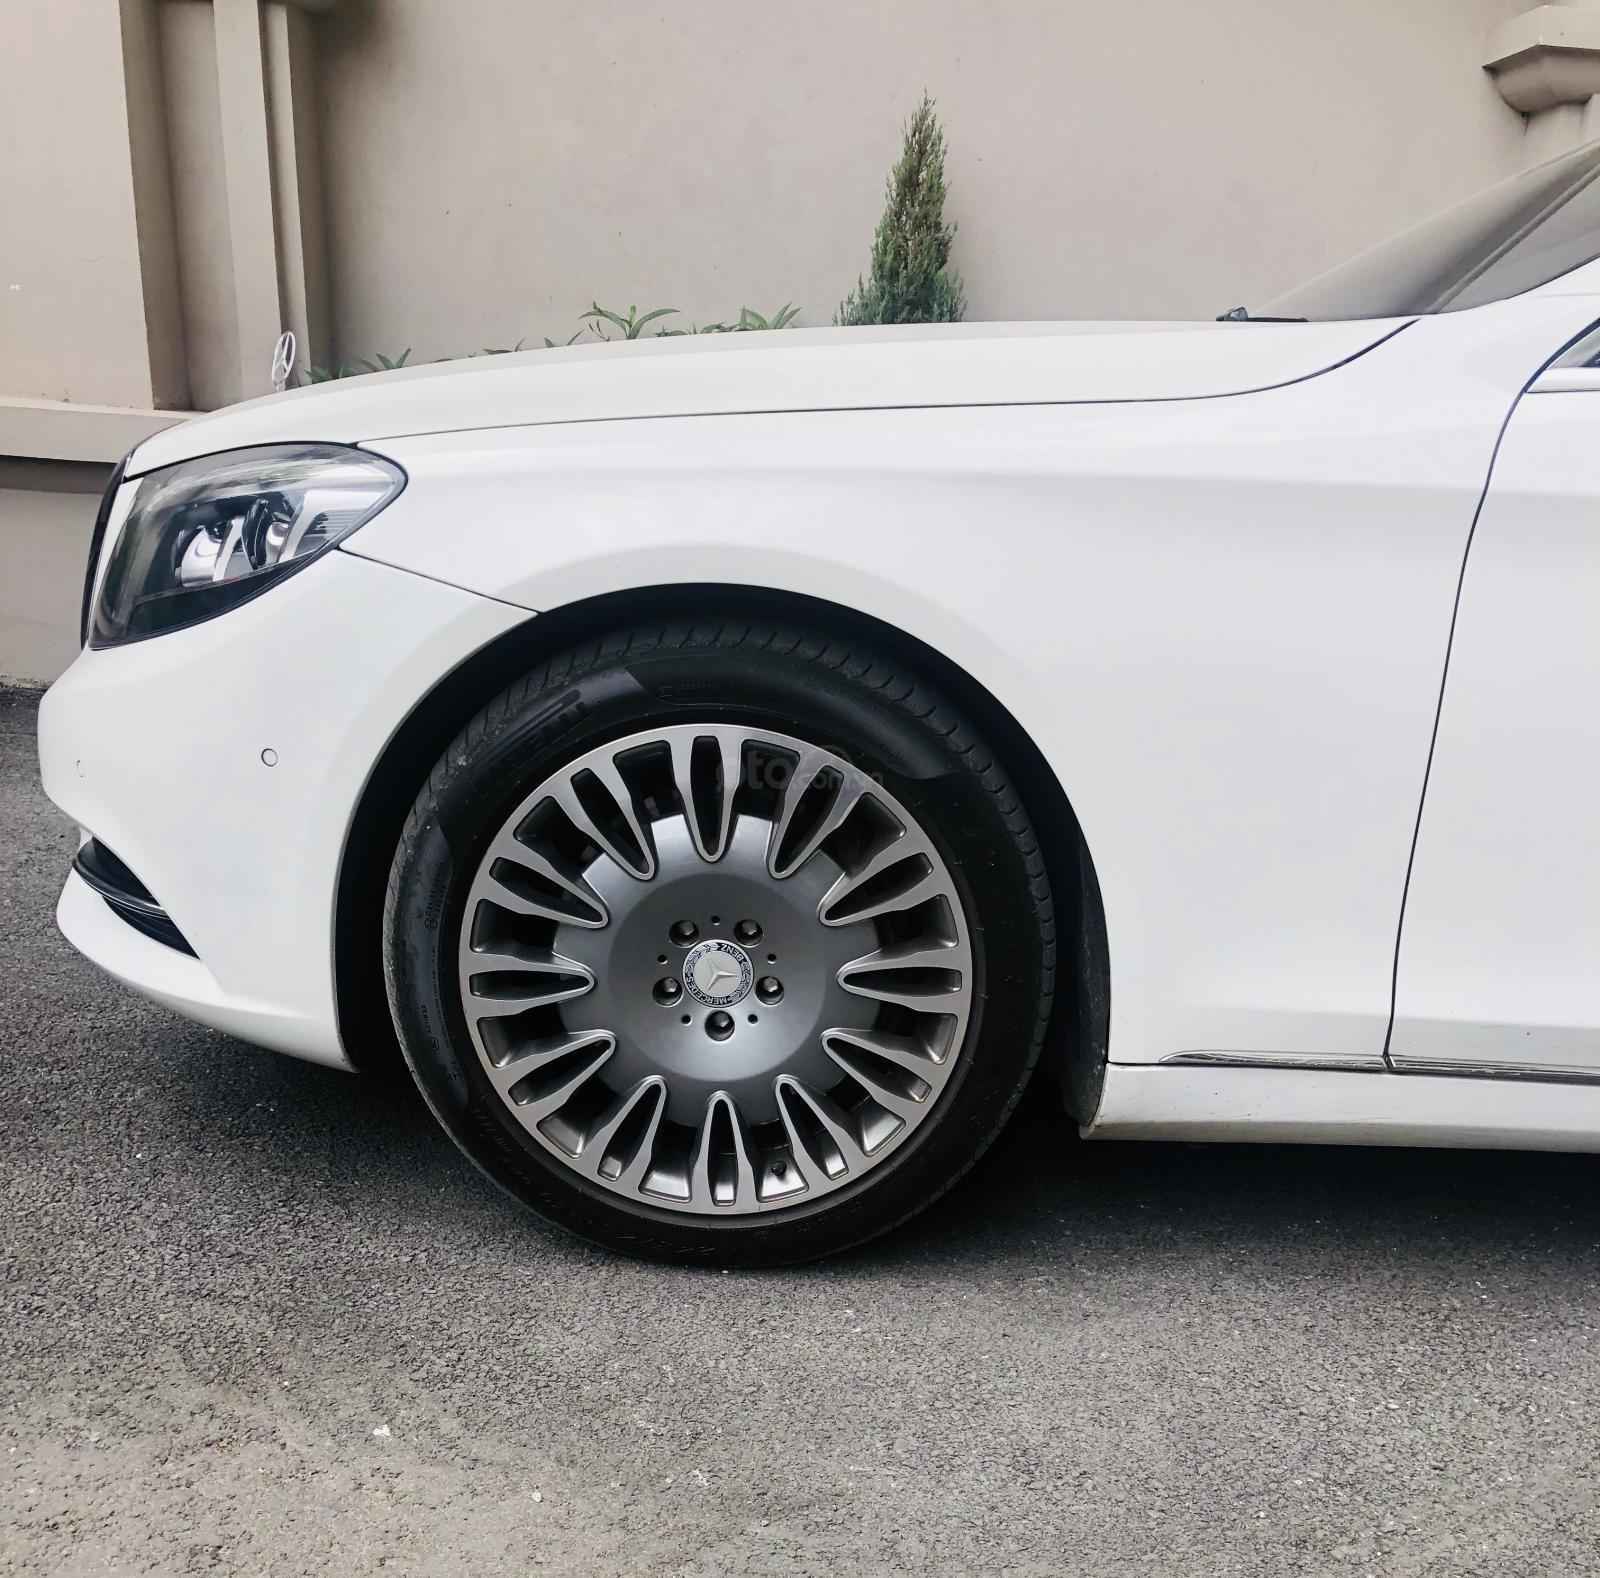 Gia đình thừa xe cần bán Mercedes-Benz S class S500 lên full Maybach 2015 đẹp như mới (4)